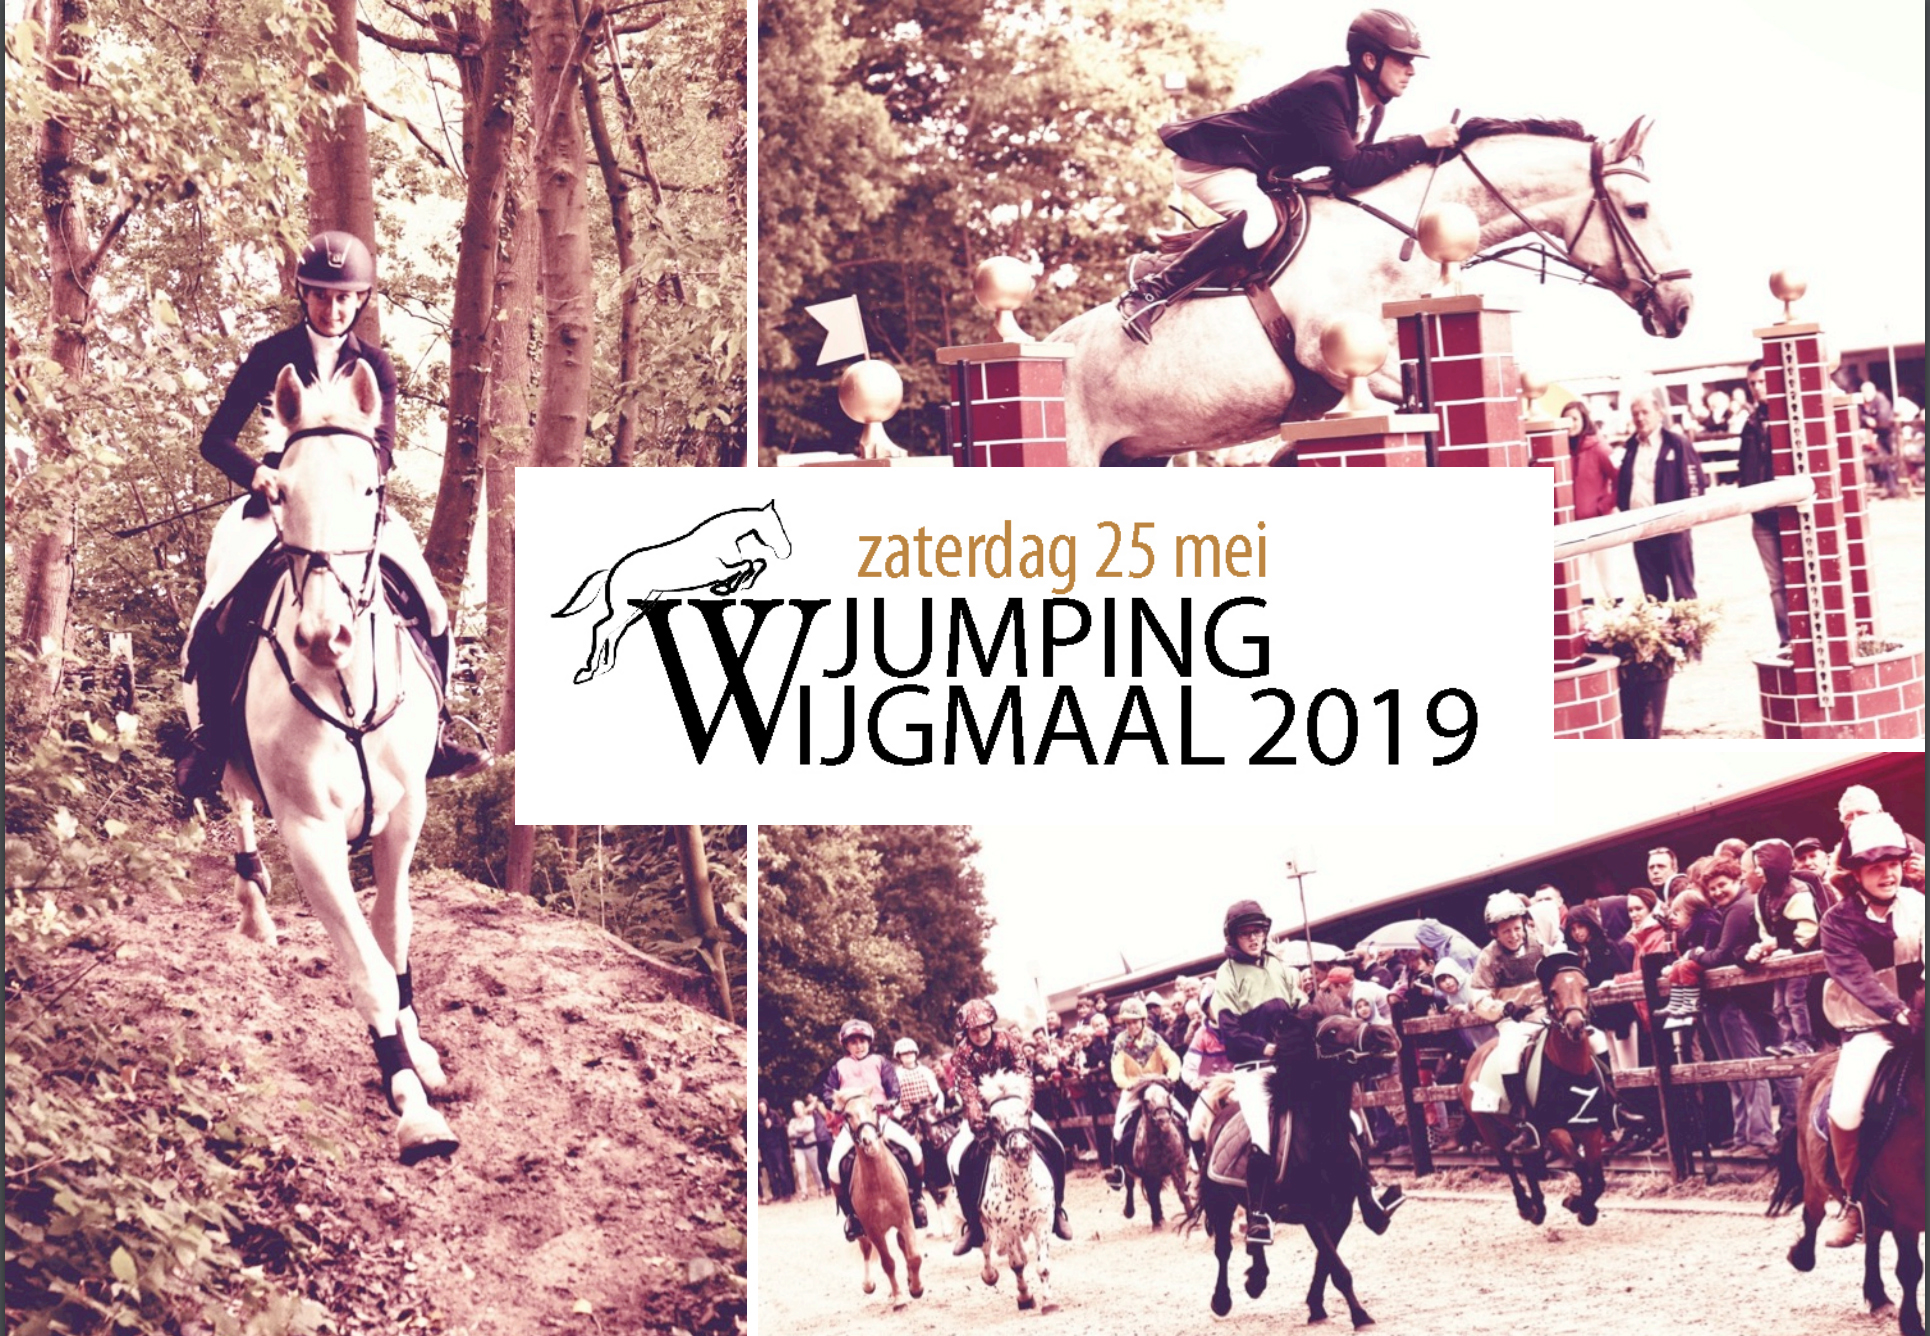 jumping wijgmaal 2019